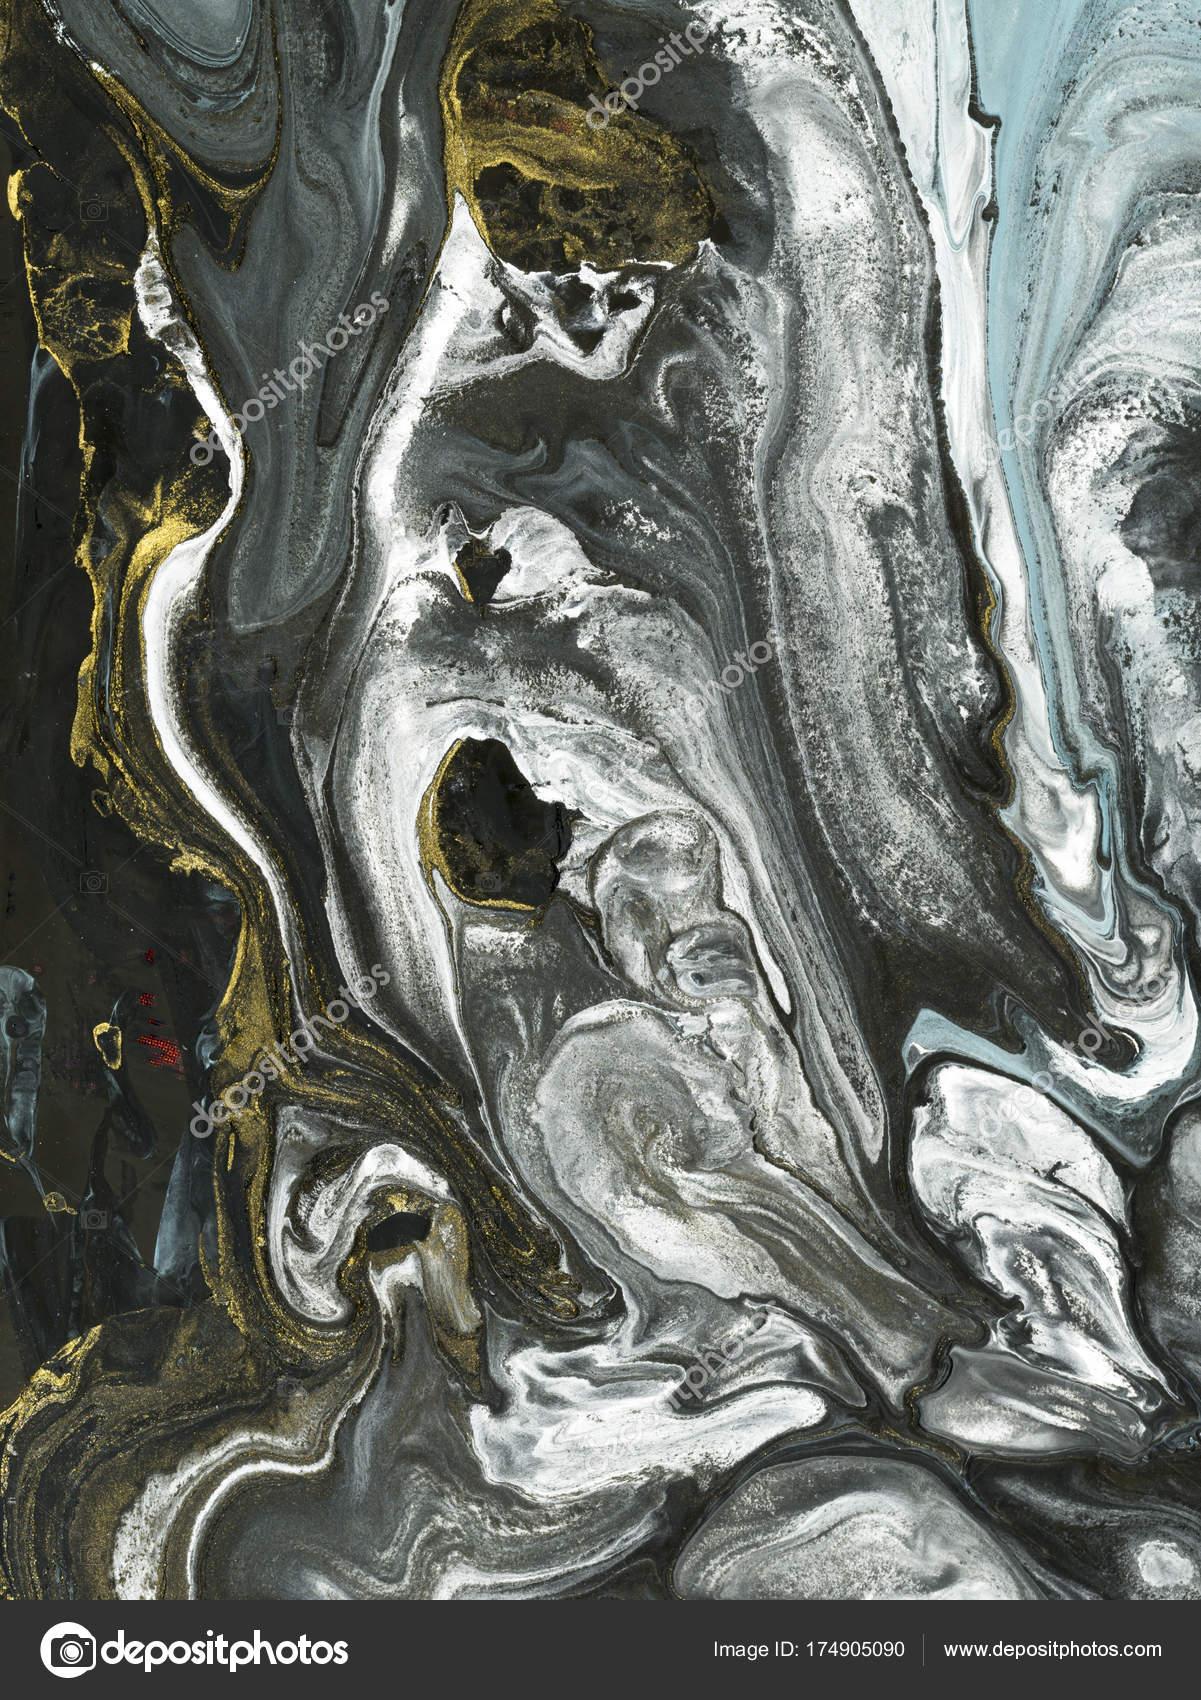 Svart Och Bla Marmor Abstrakt Handmalade Bakgrund